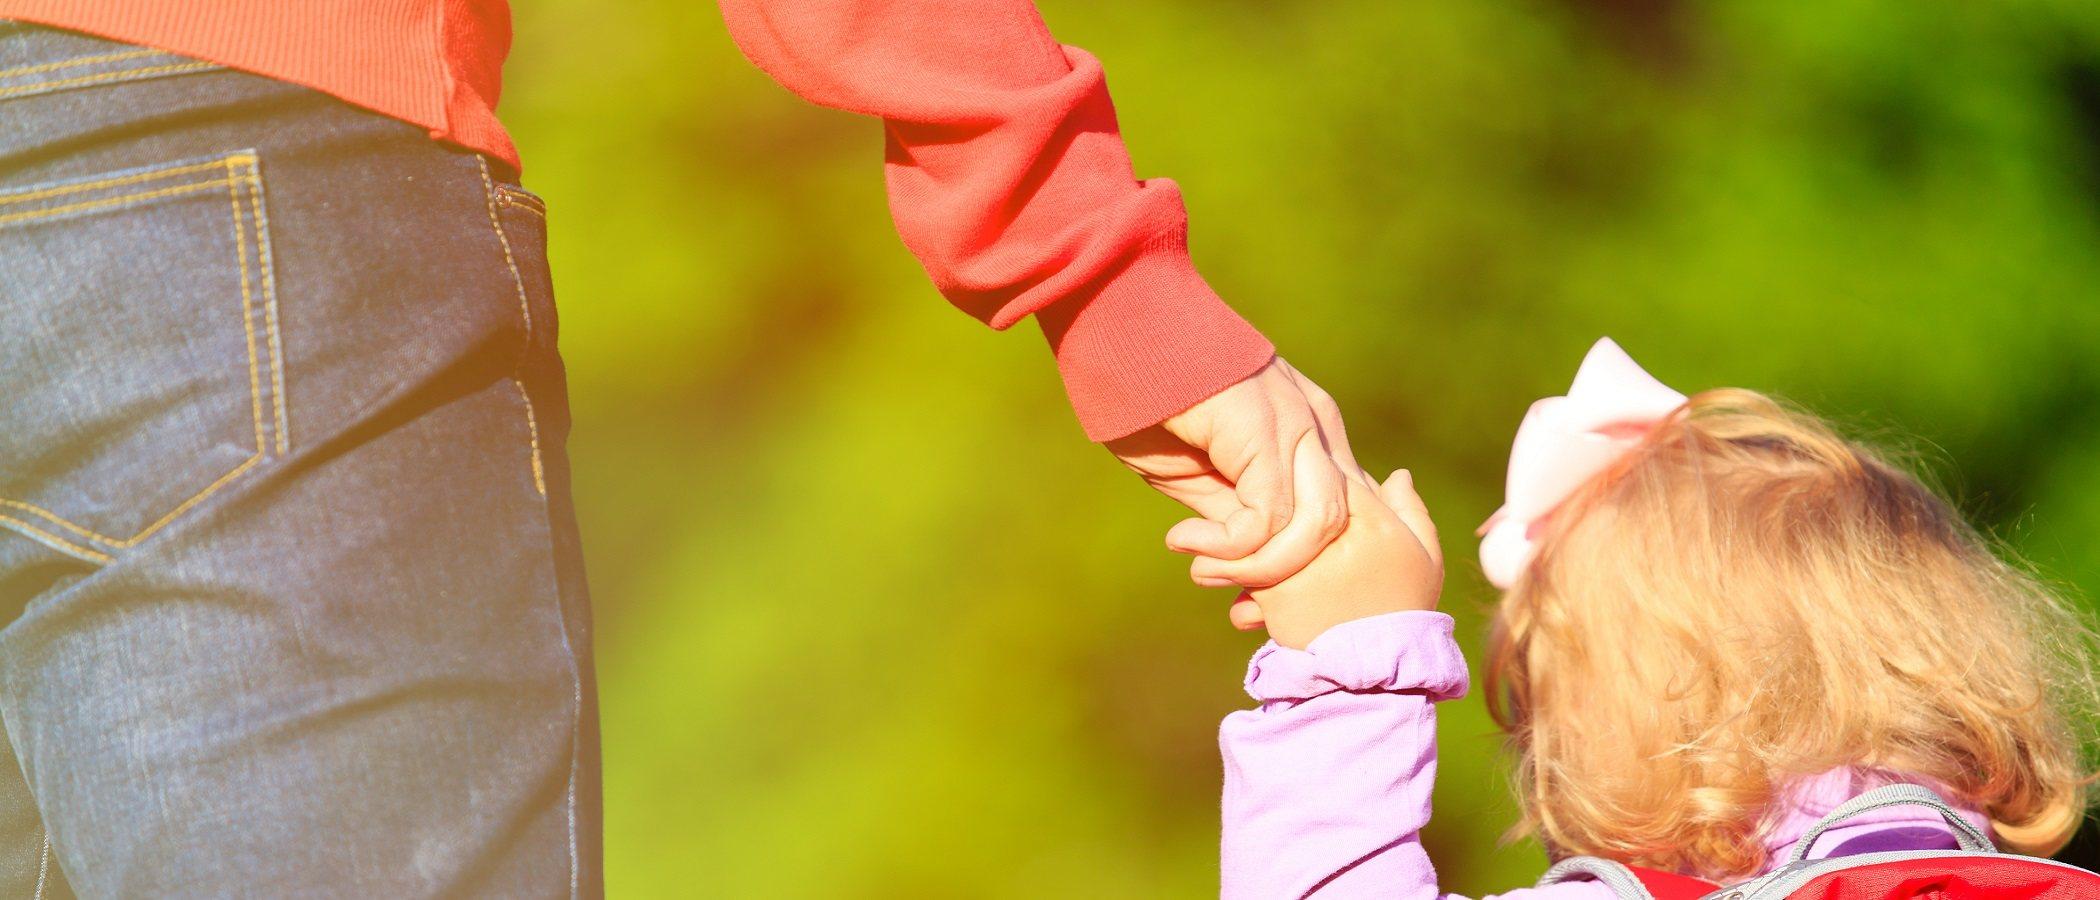 Tu estilo de crianza marcará el estilo de consumo de tus hijos